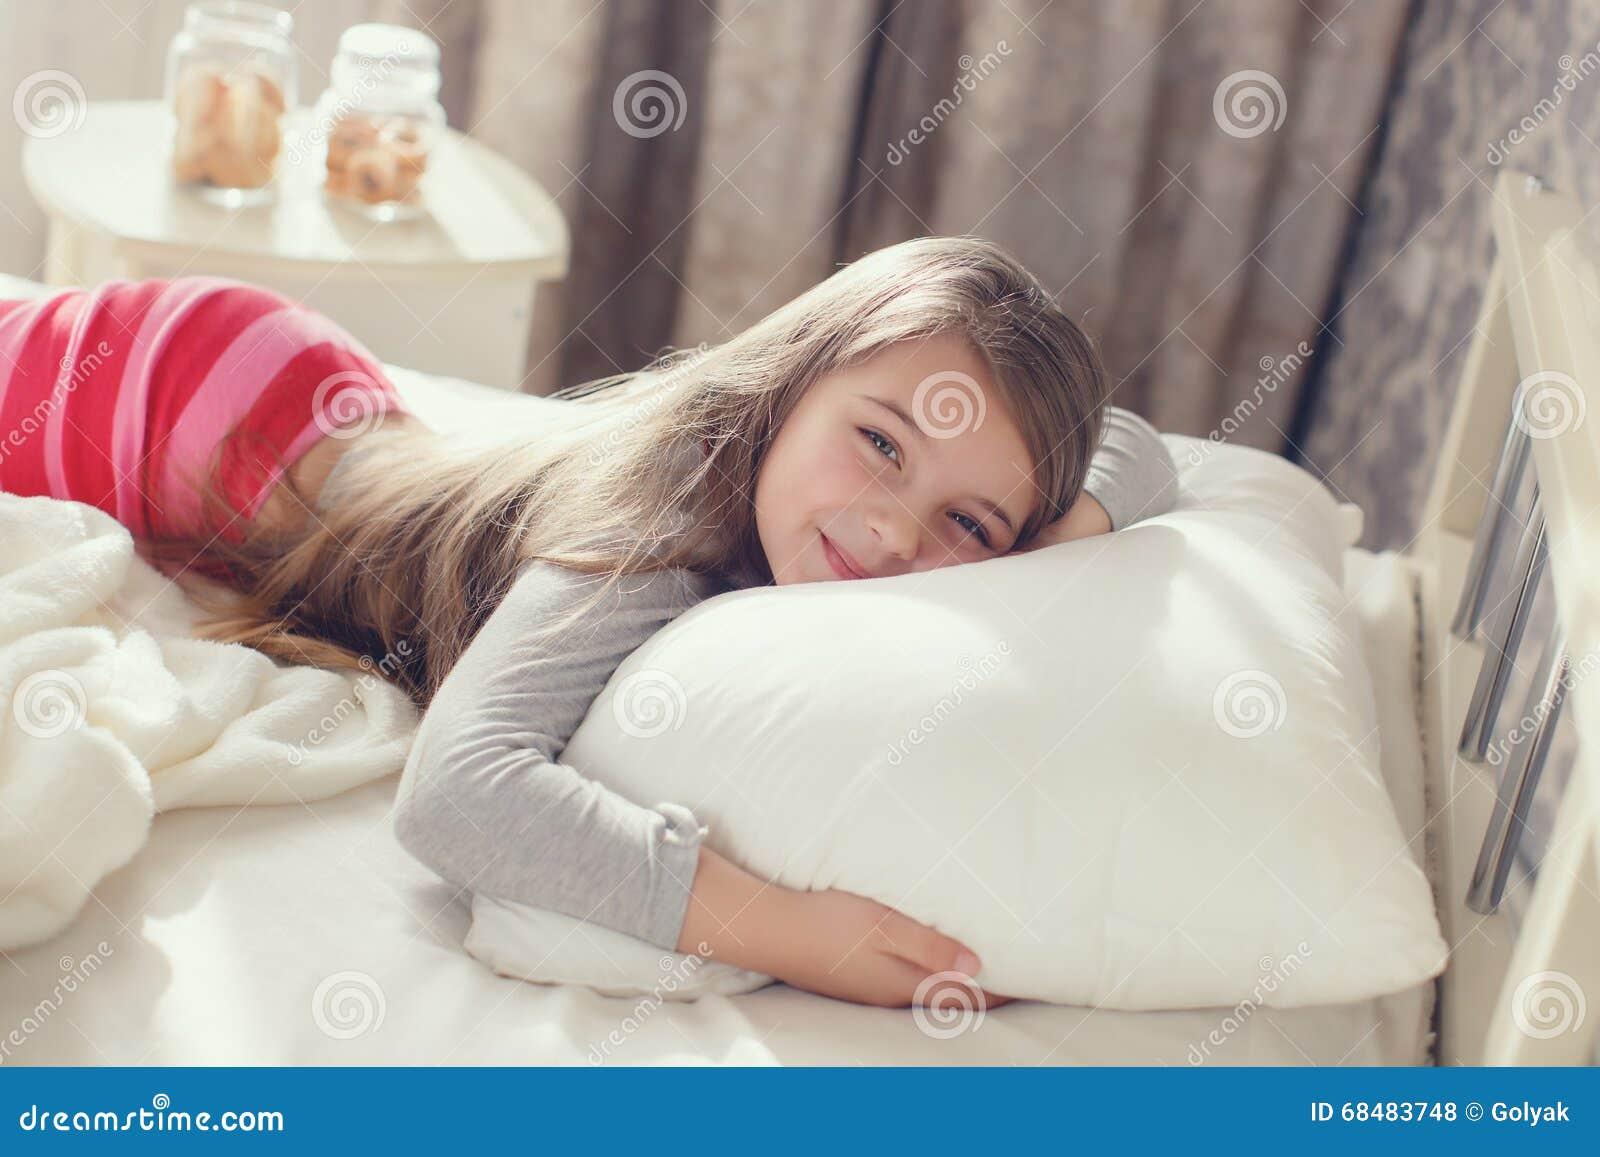 Portrait Of A Little Girl Hugging A Pillow